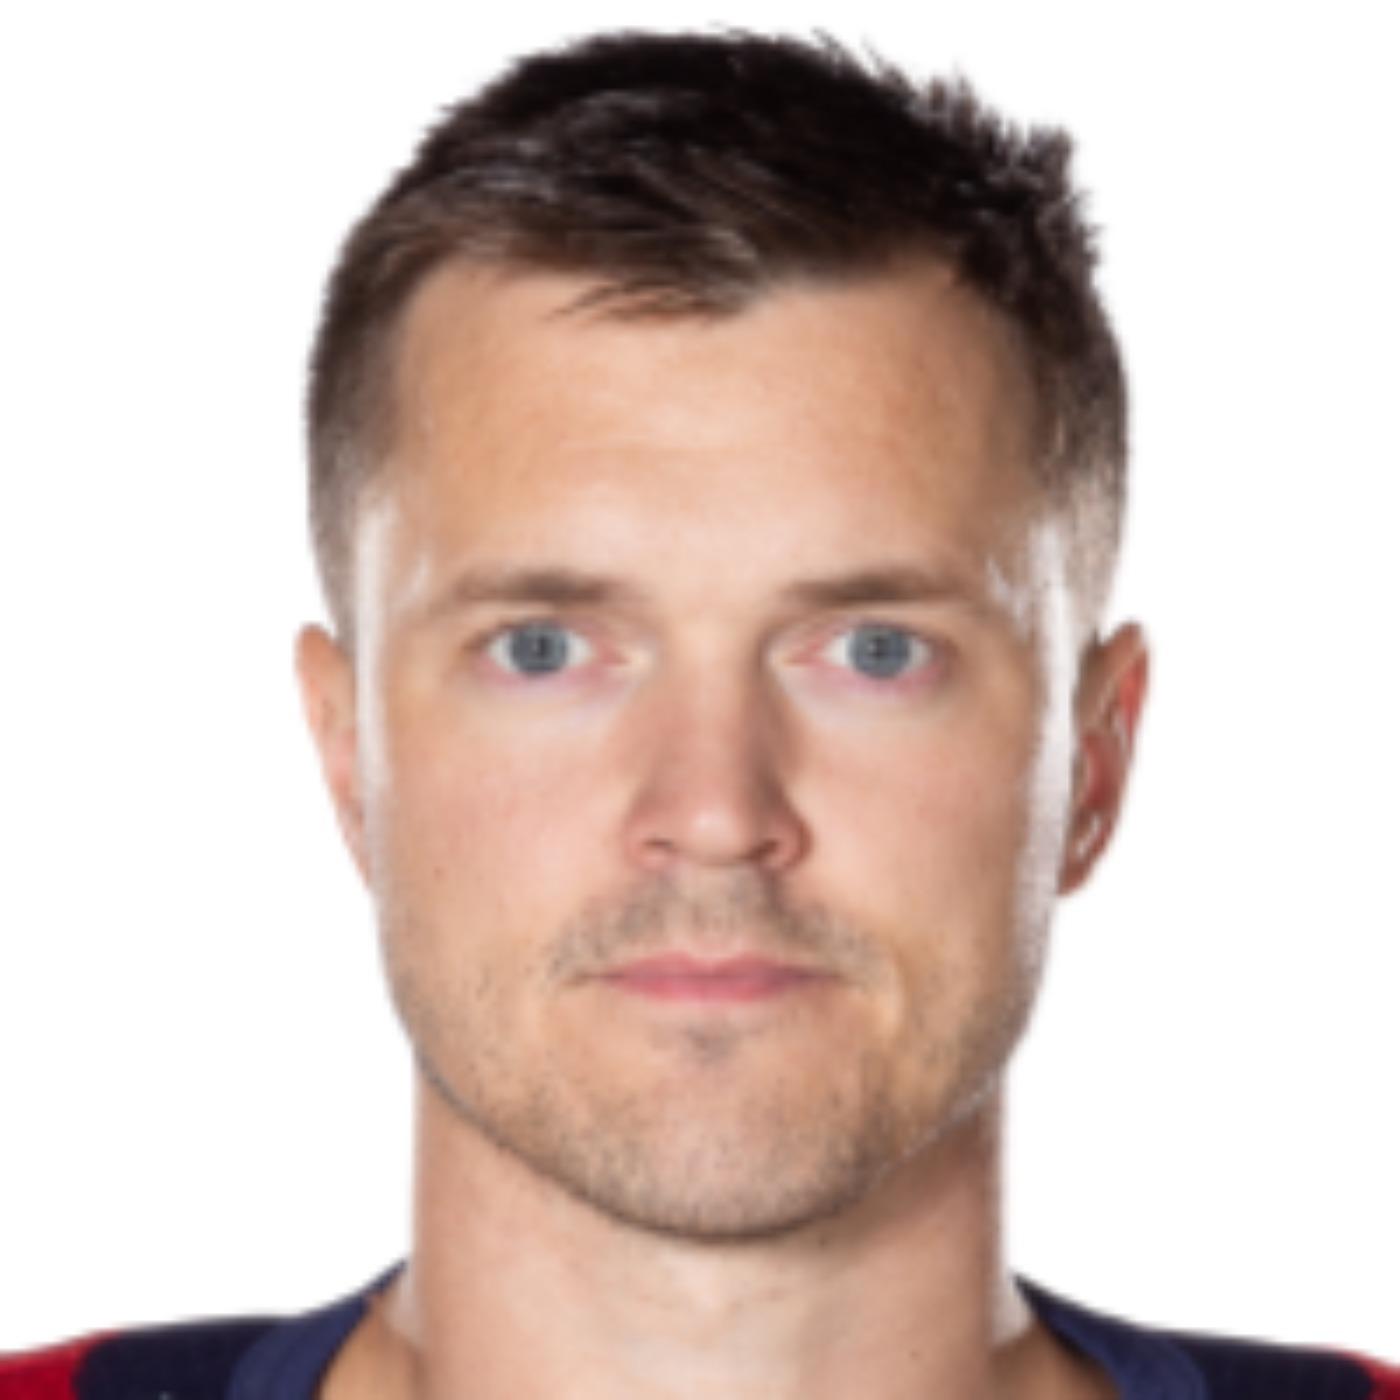 Marcus Högström-Från ishockeyns bakgård till finrummet genom vilja och hårt arbete